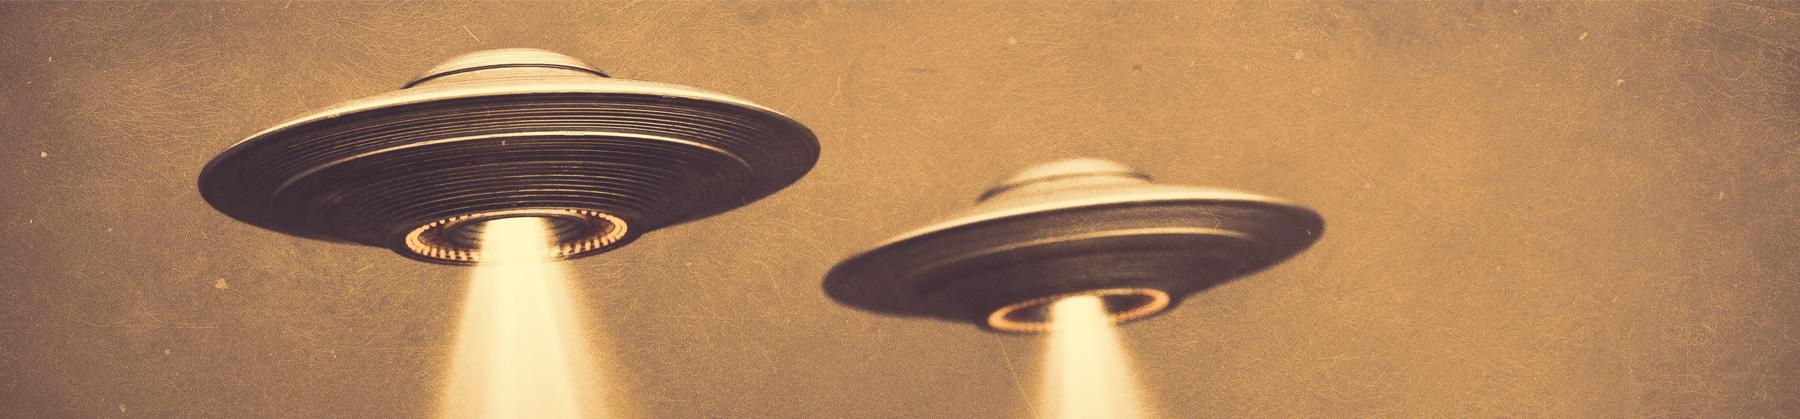 Ilustración de dos objetos voladores no identificados, ovnis